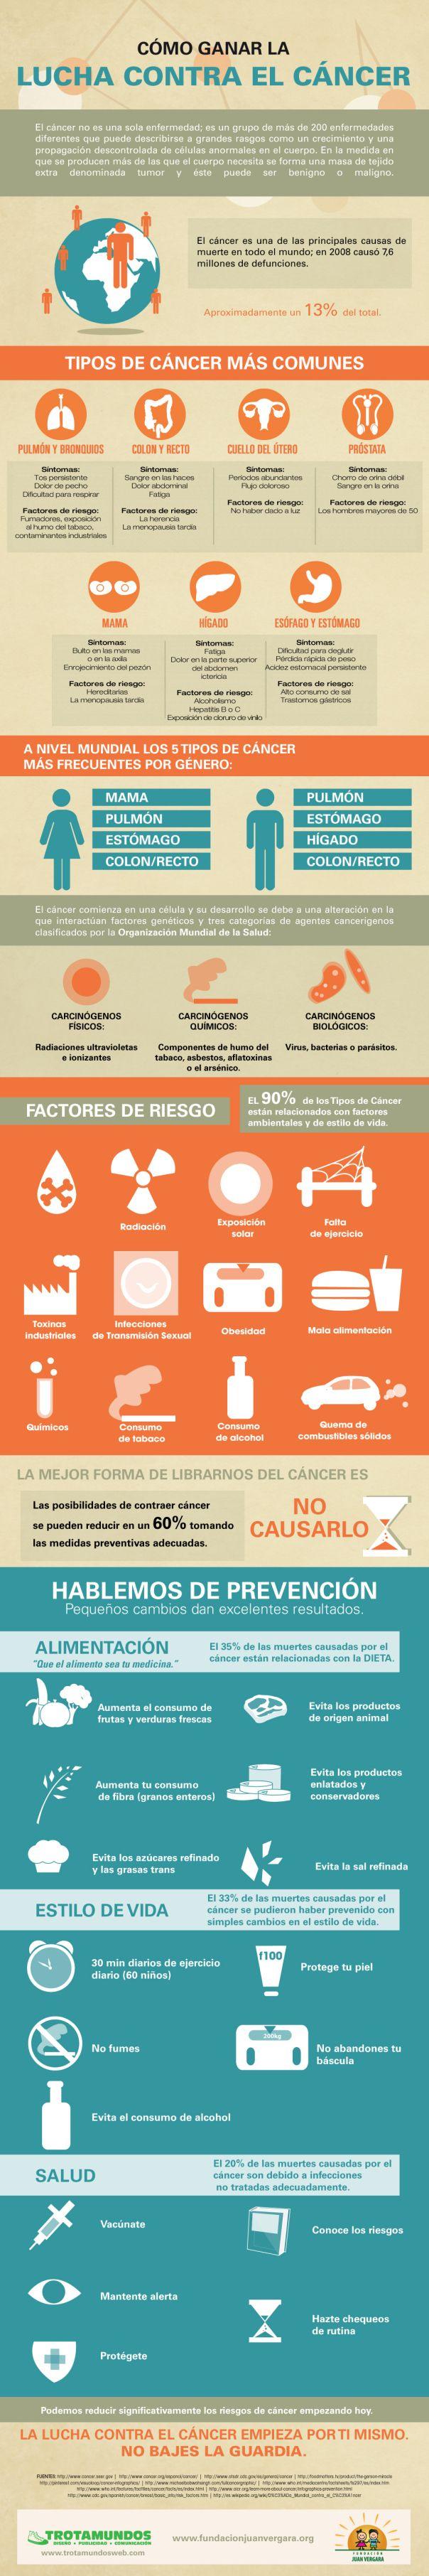 Cómo ganar la lucha contra el cáncer #infografia #infographic #health